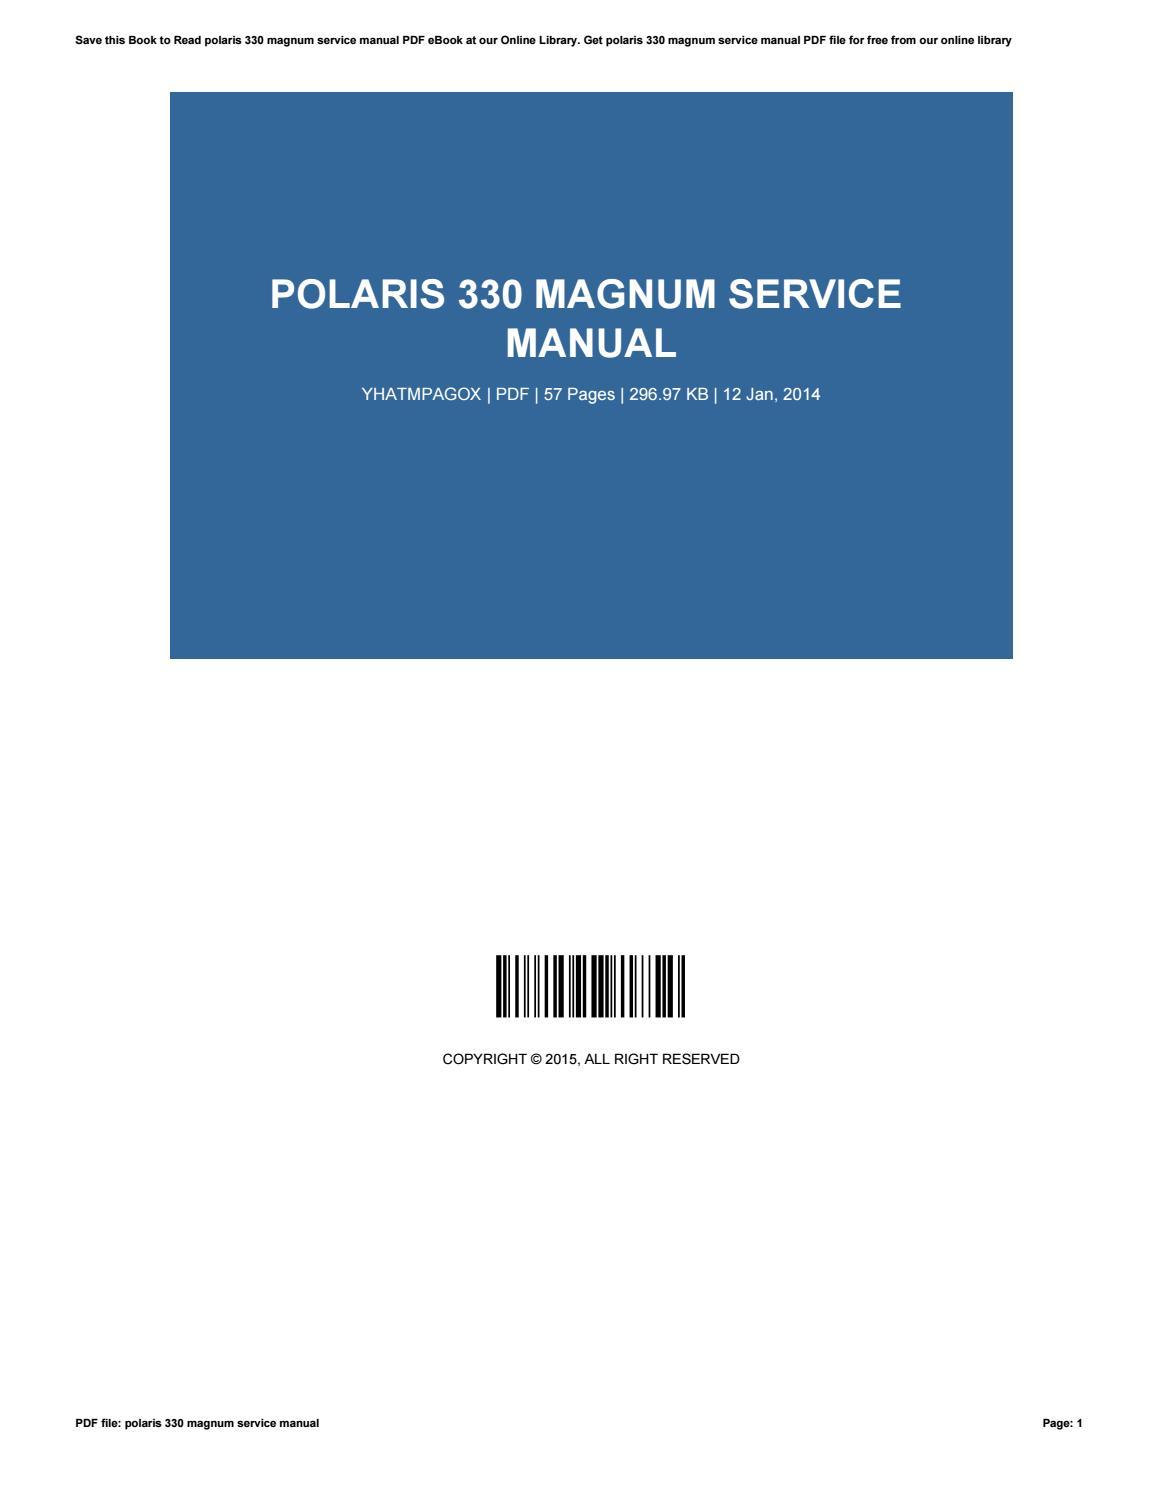 Haynes service manual polaris magnum 325 2x4 & 4x4 2000-02 & 425.